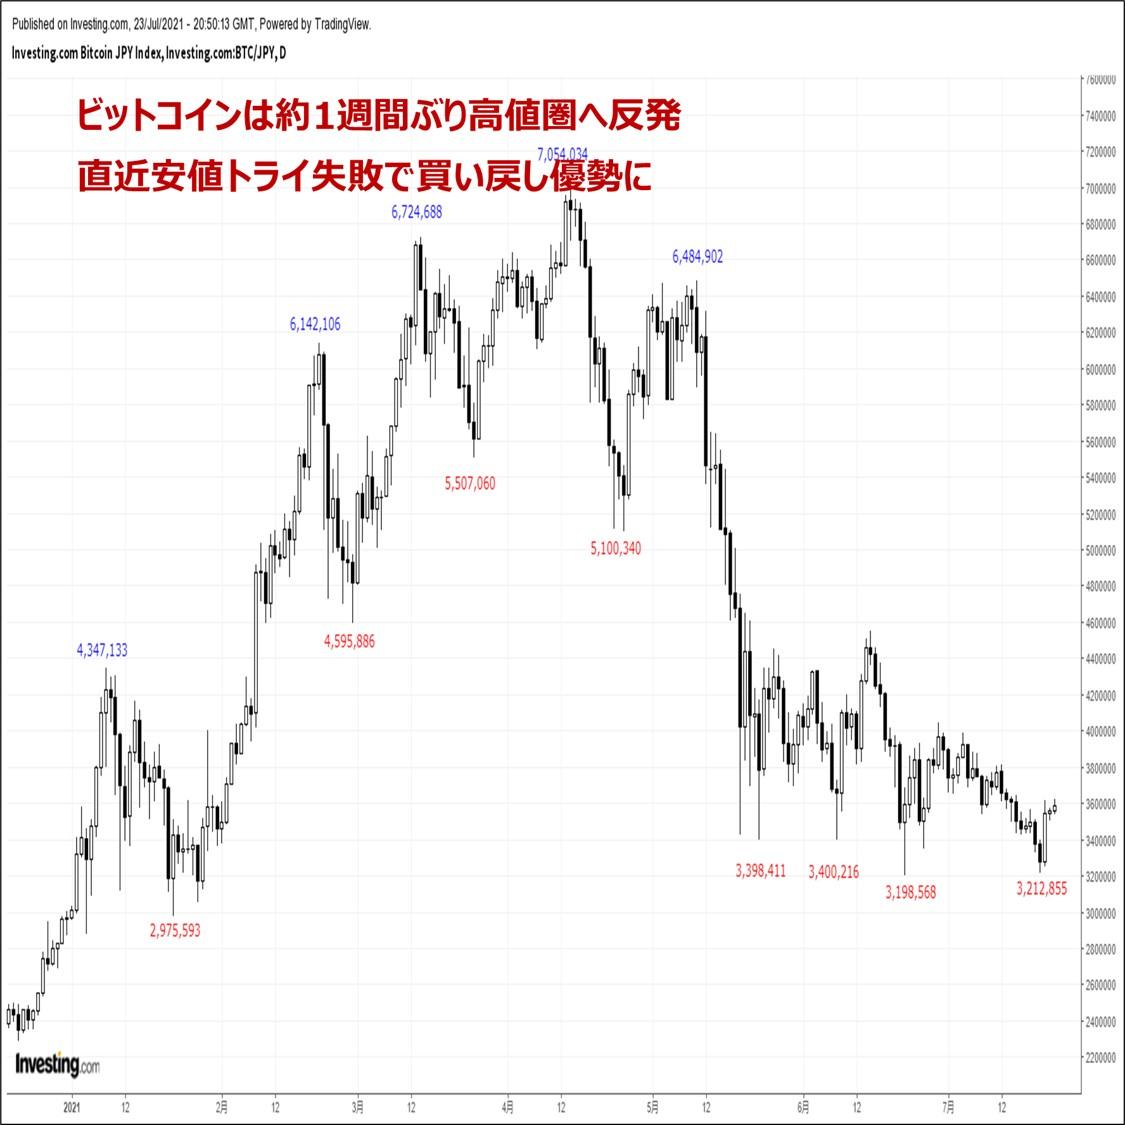 ビットコインの価格分析:『あく抜け感が広がる暗号資産市場。続伸リスクに期待』(7/24)